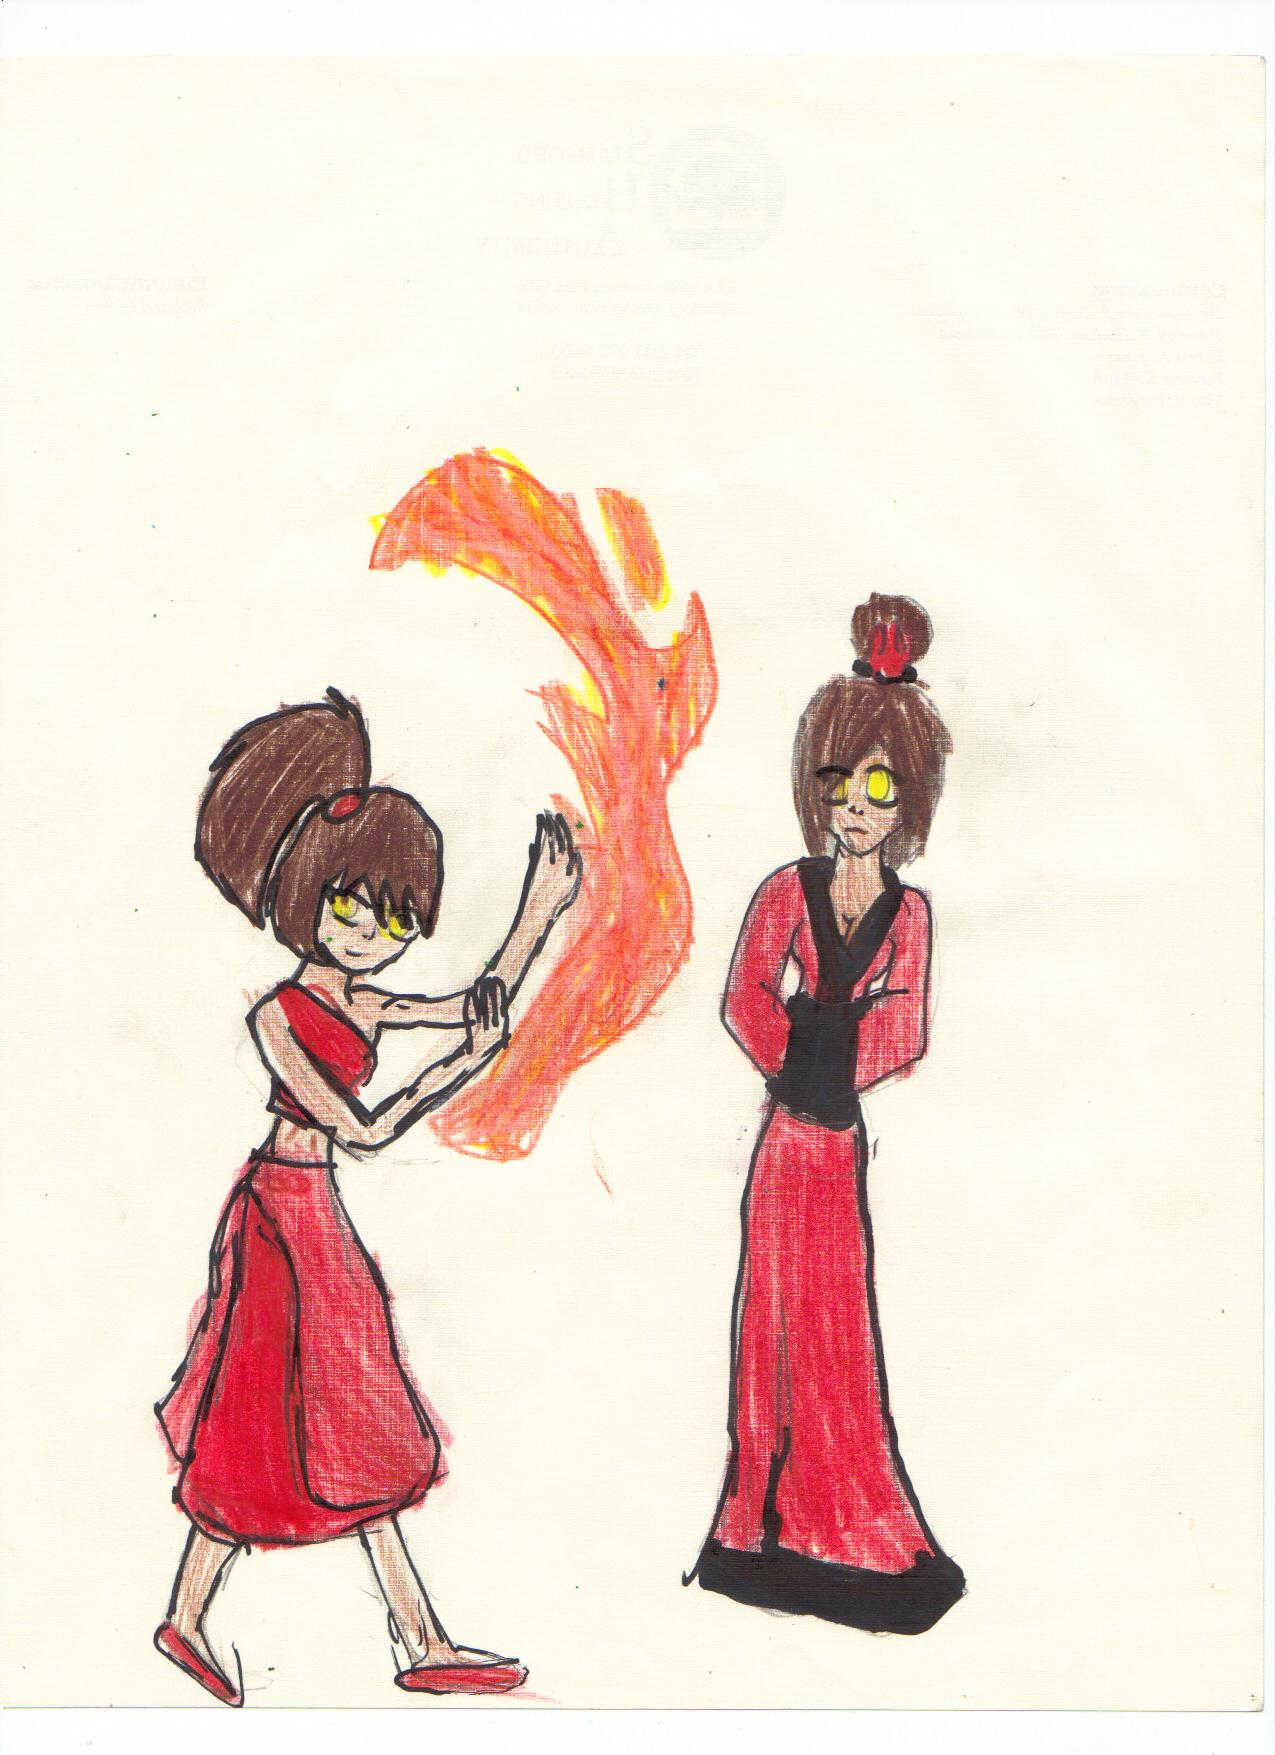 random firebending girl